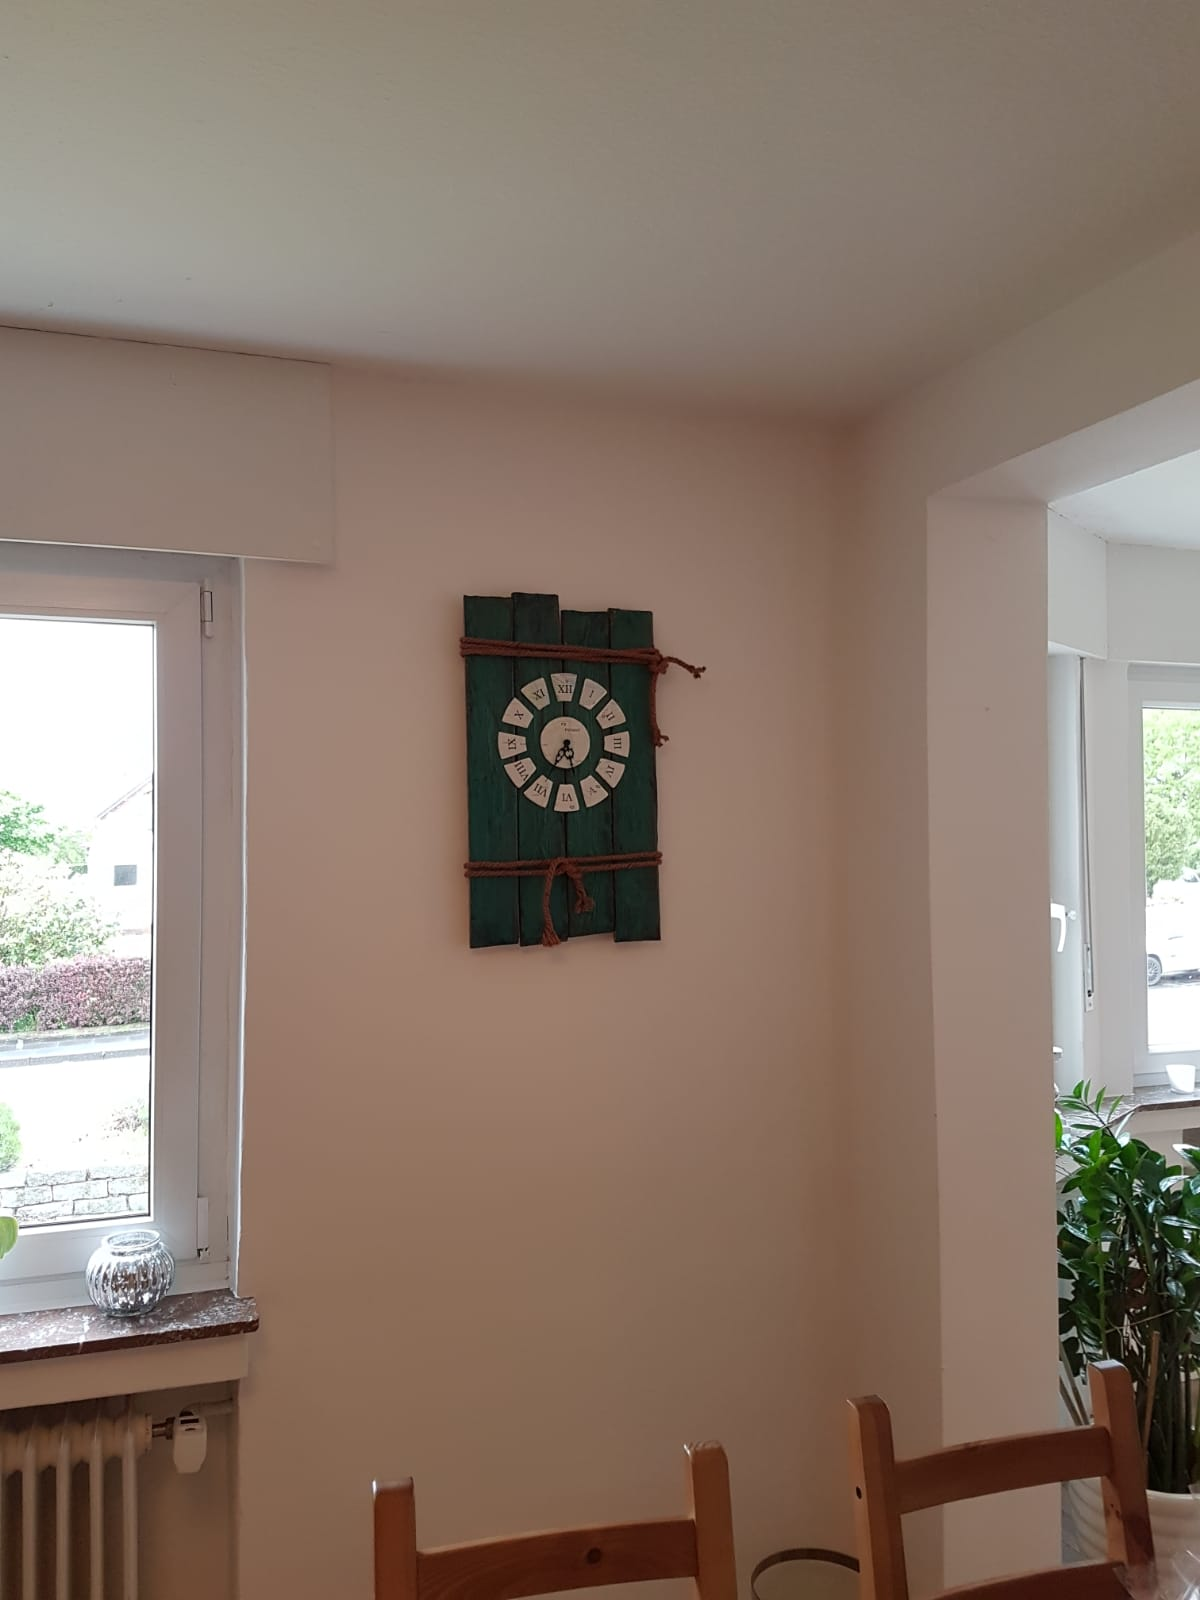 Uhr als Wohnungsdeko, Blickfang im Wohnzimmer. Ein selbstgebauter Eye-Catcher